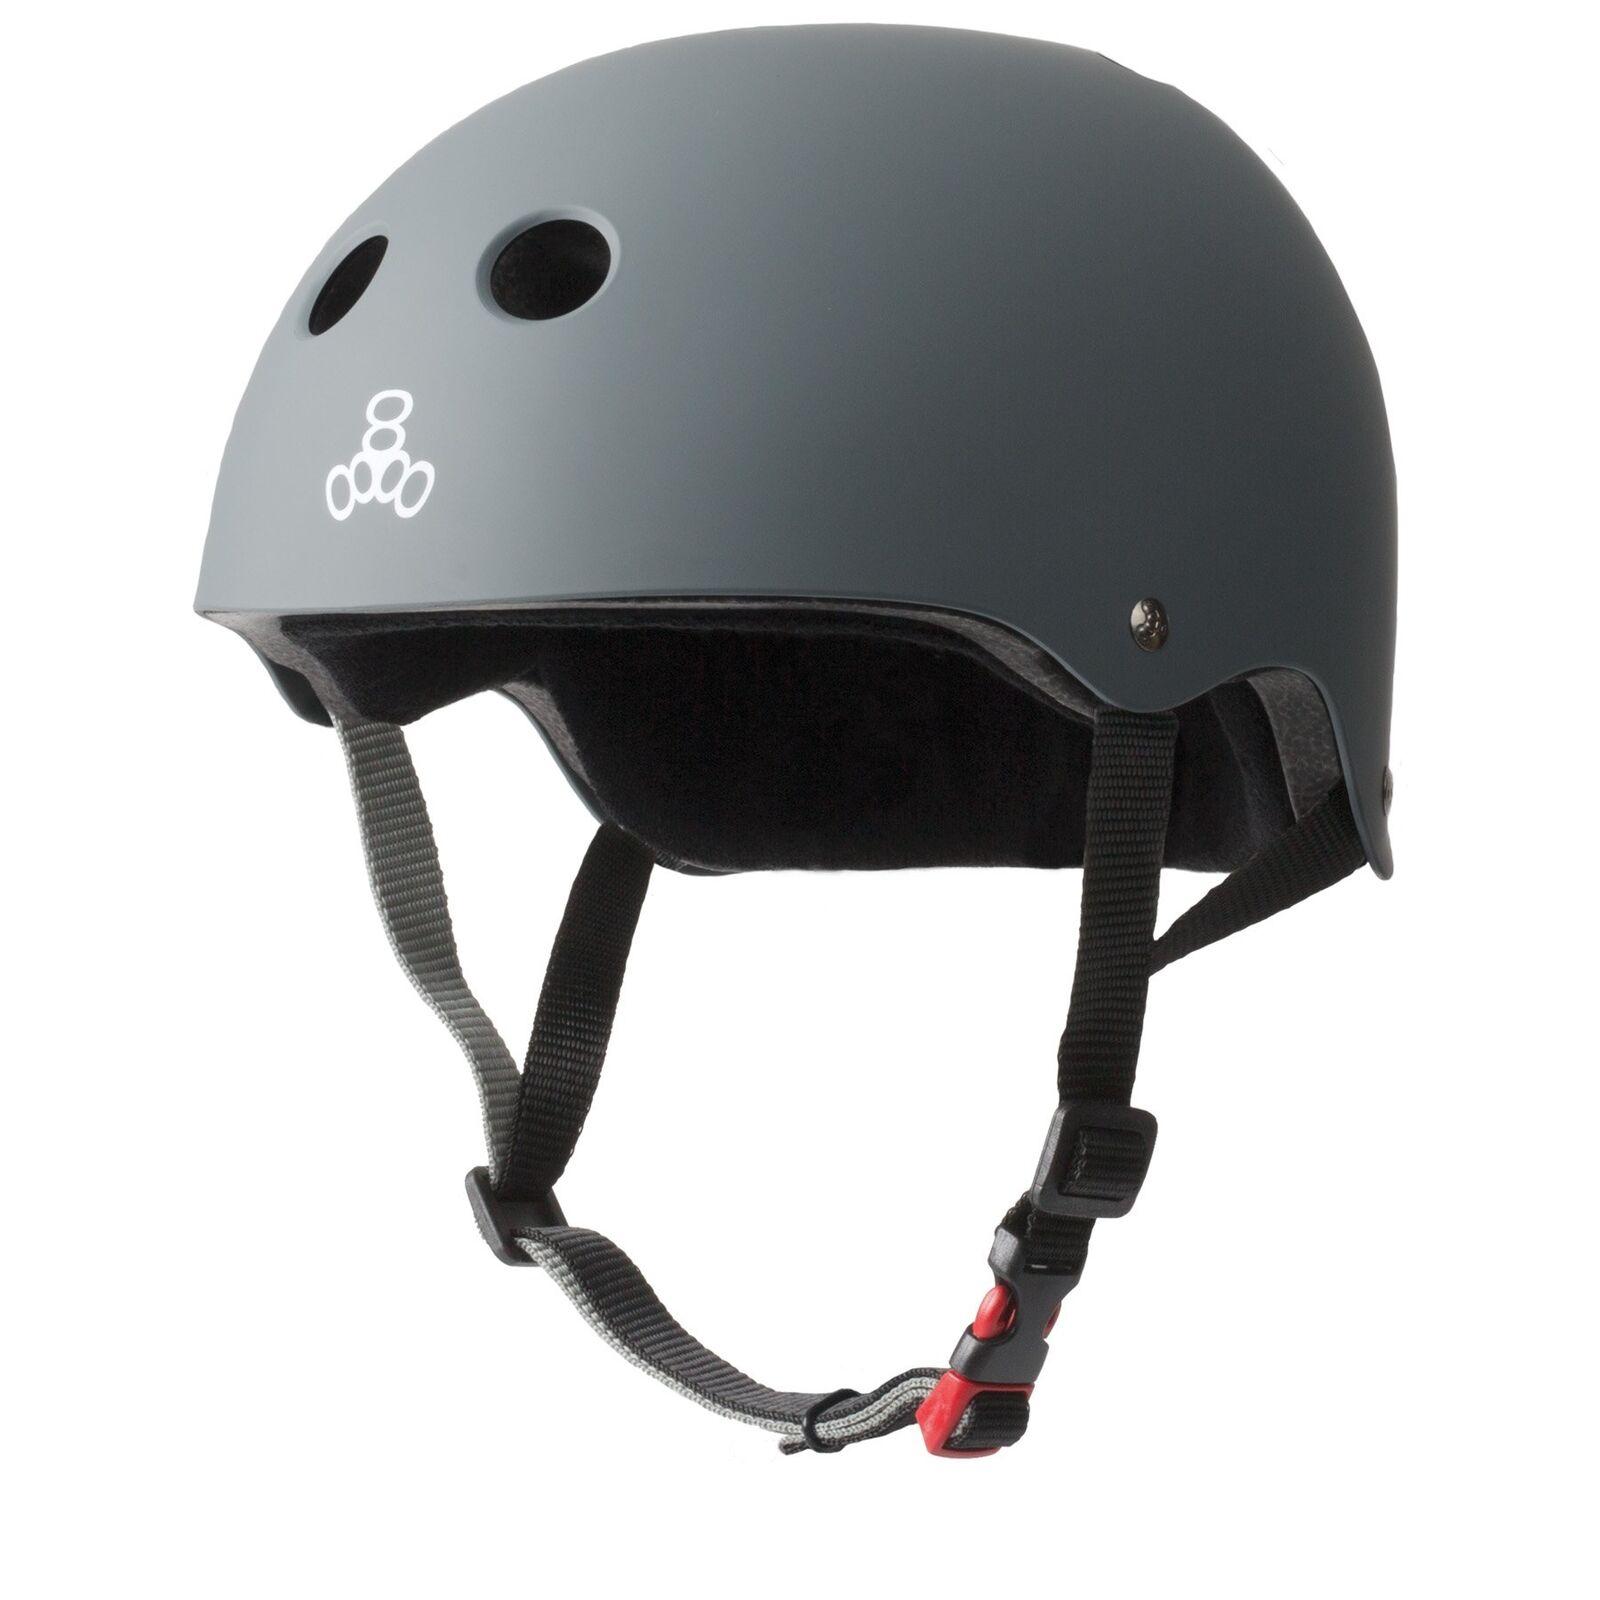 Triple 8 Zertifizierter Sweatsaver Helm - Gummi Kohlenstoff Kohlenstoff Kohlenstoff Grau 3638ef